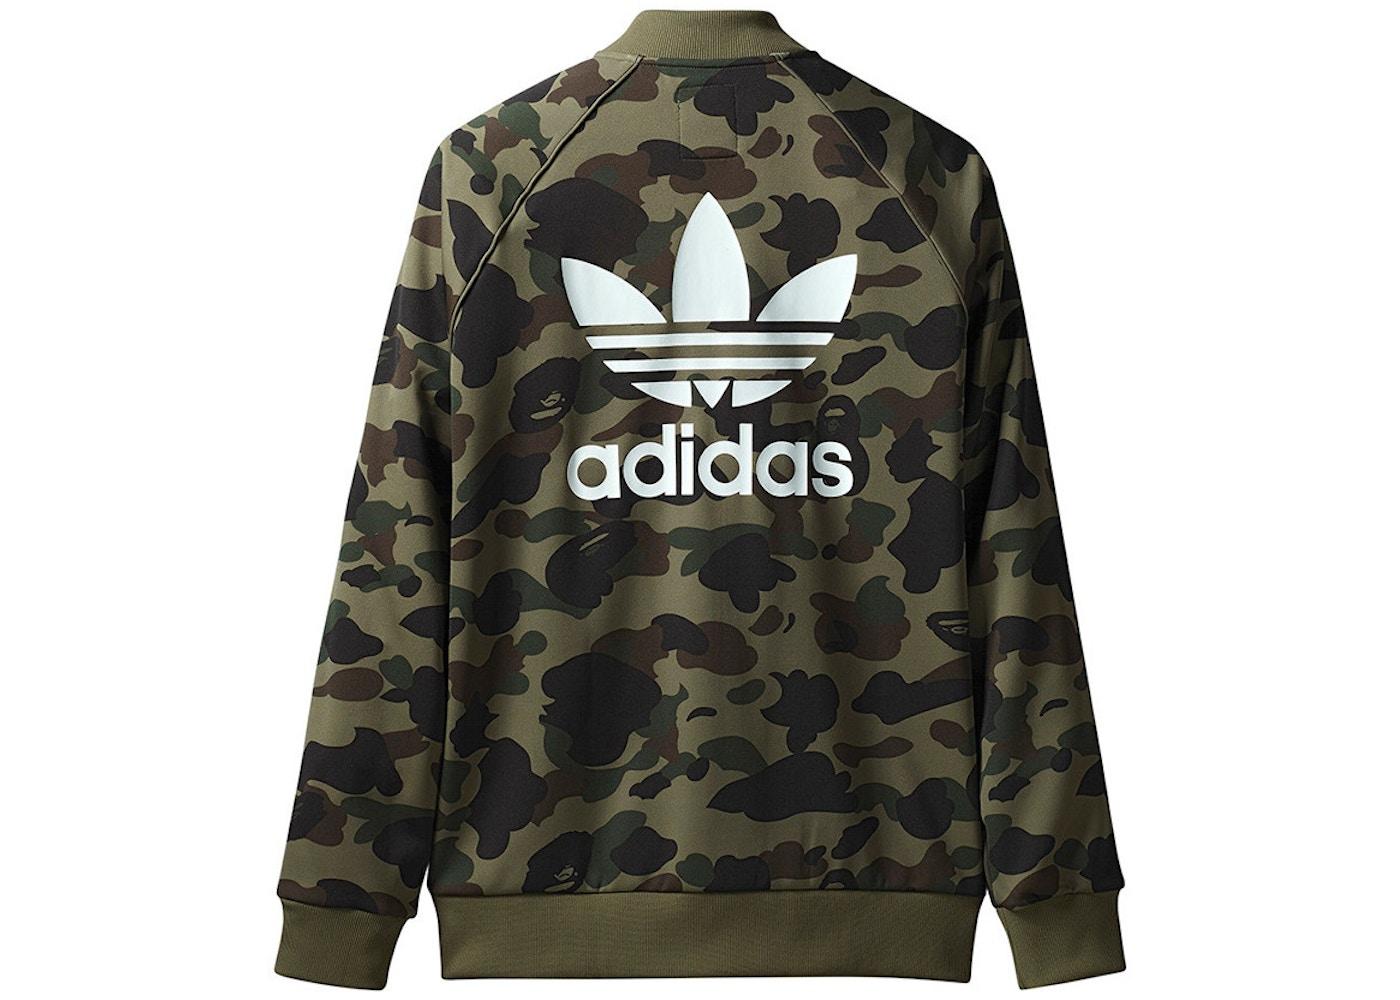 9c20dd385040 Bape Jackets - Buy   Sell Streetwear